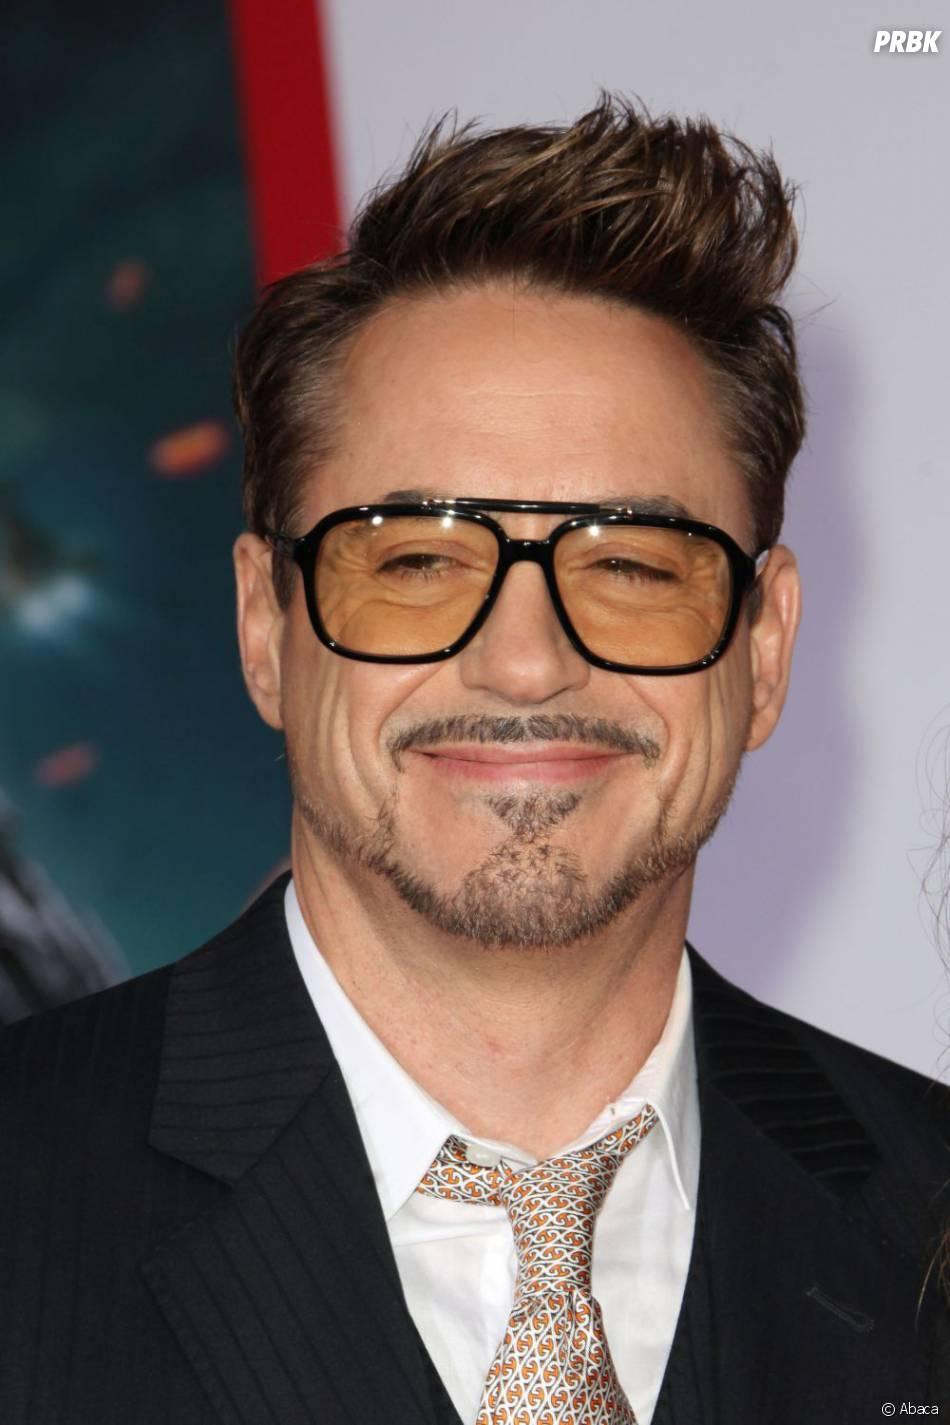 Robert Downey Jr pendant l'avant-première à L.A d'Iron Man 3, le 24 avril 2013